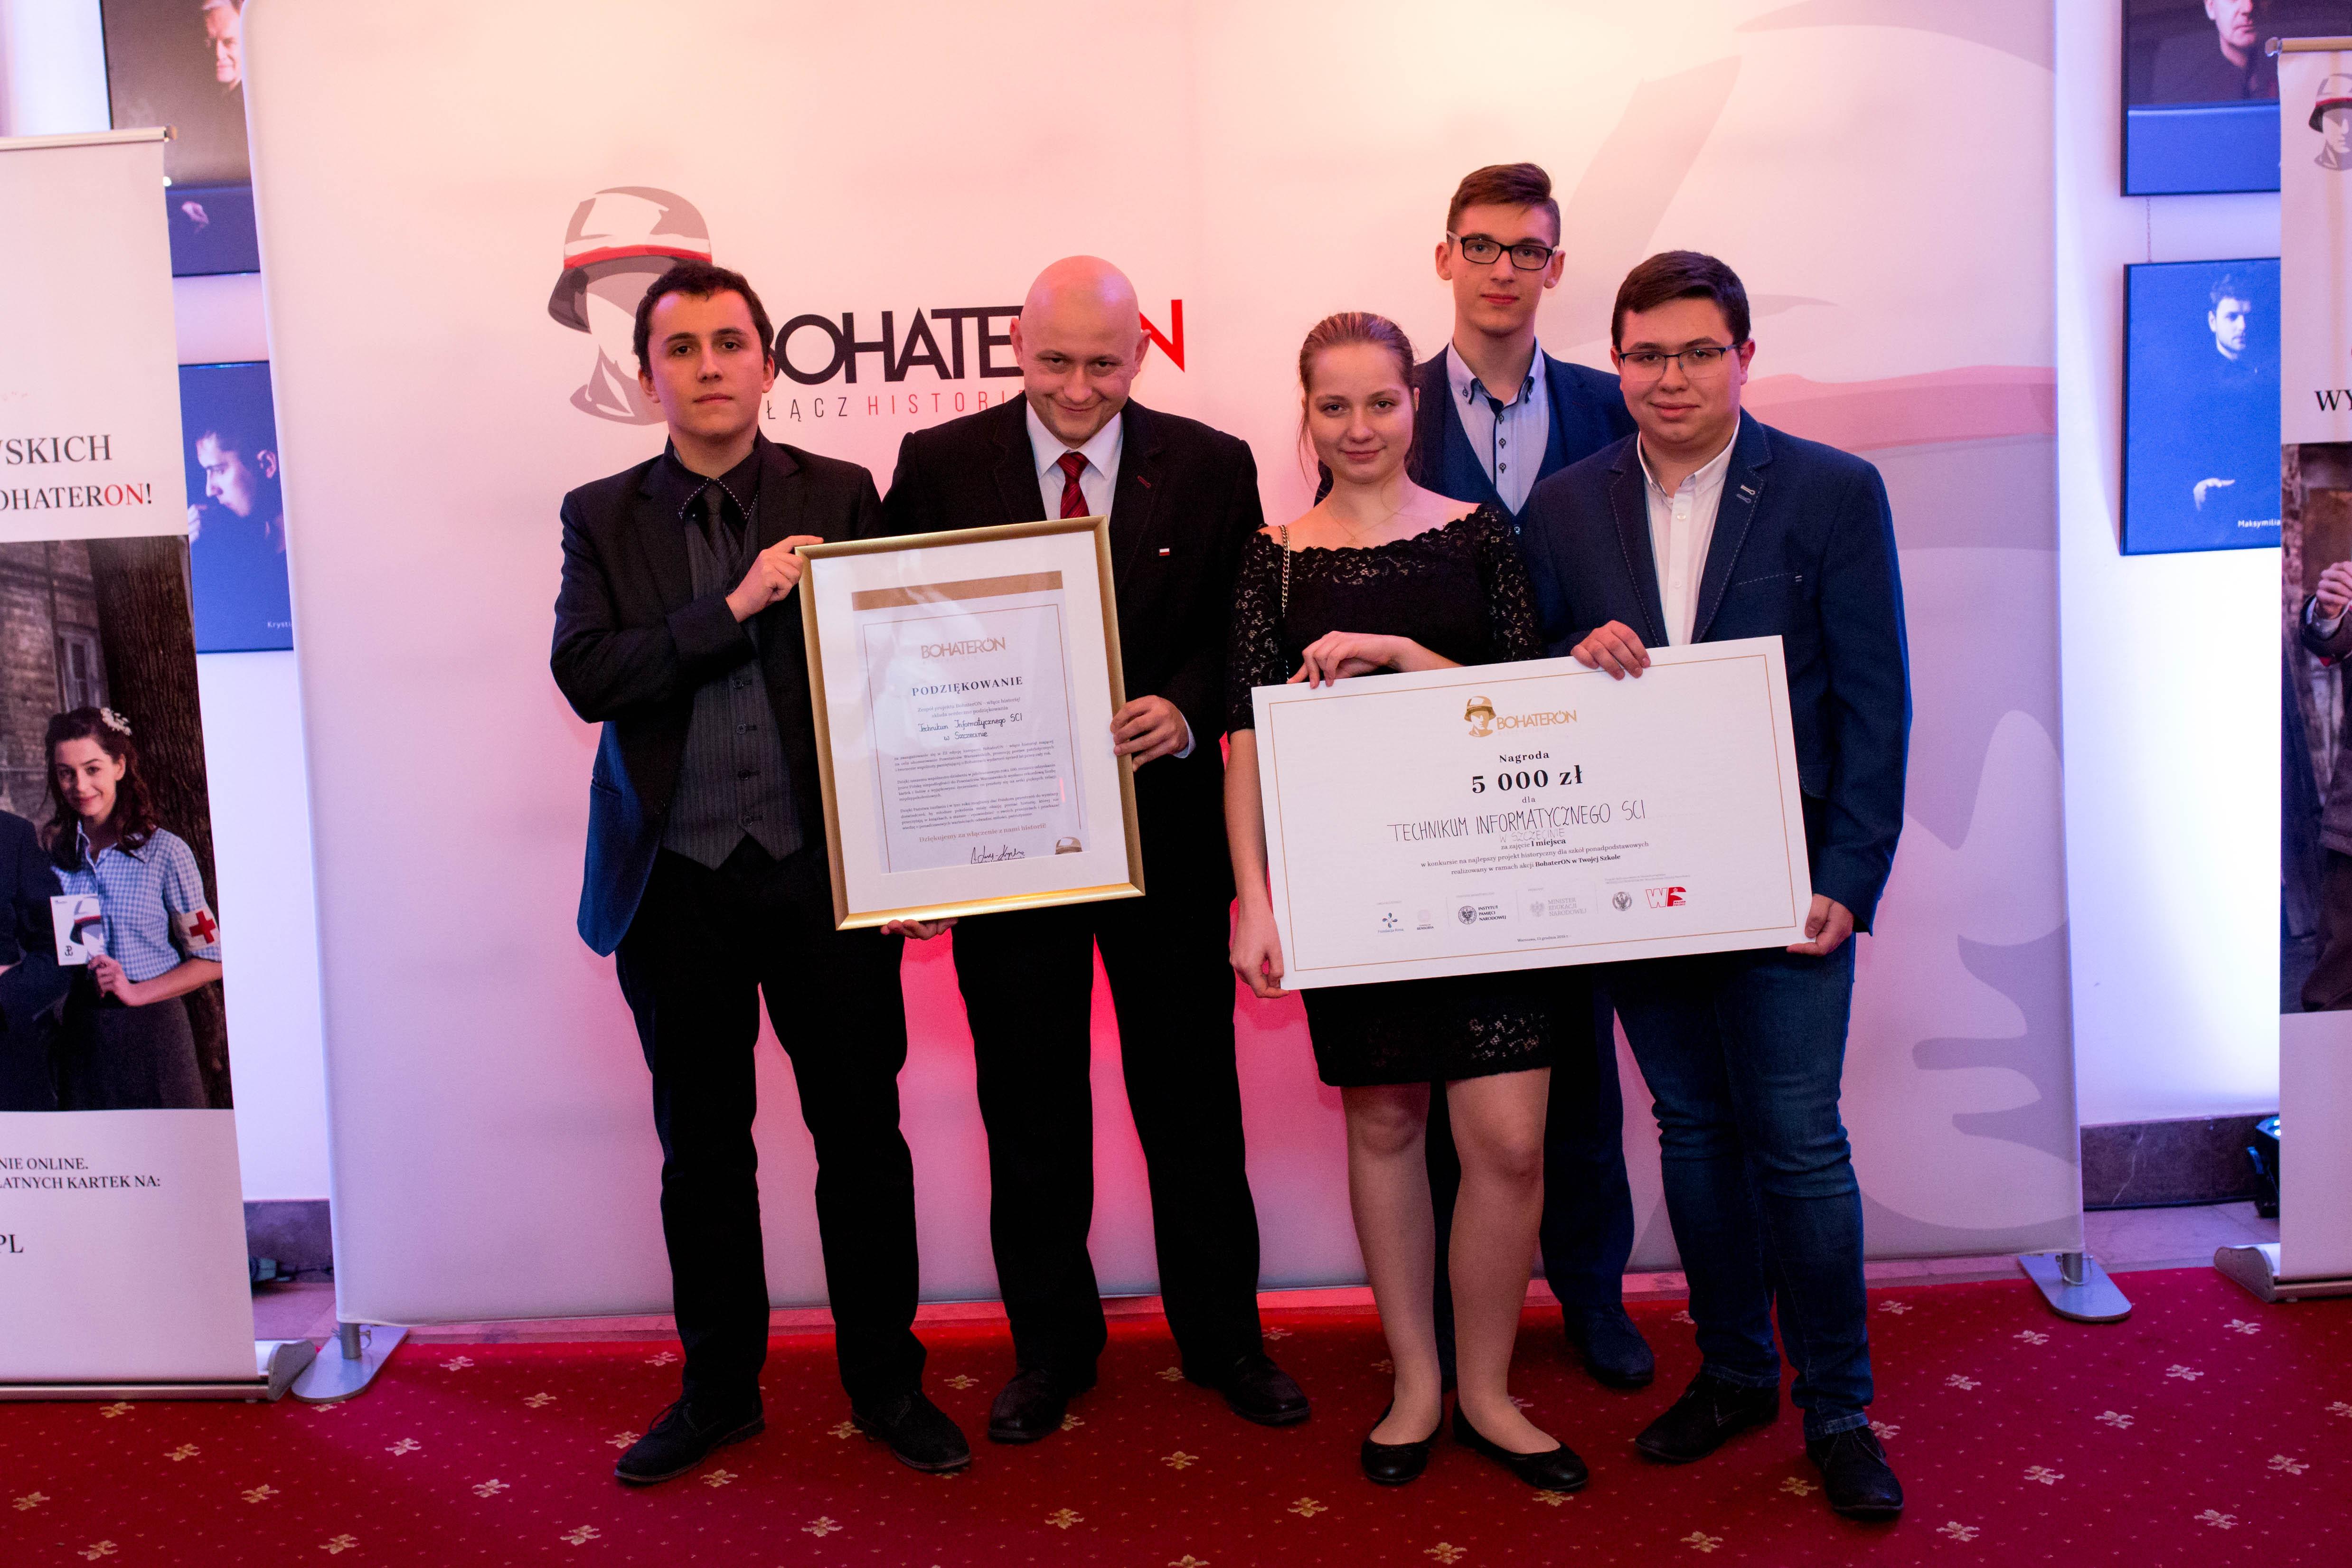 Technikum_Informatyczne_SCI_w_Szczecinie_zwycięzcy_konkursu_na_miniprojekt_historyczny_fot_Malwina_Dębczyńska